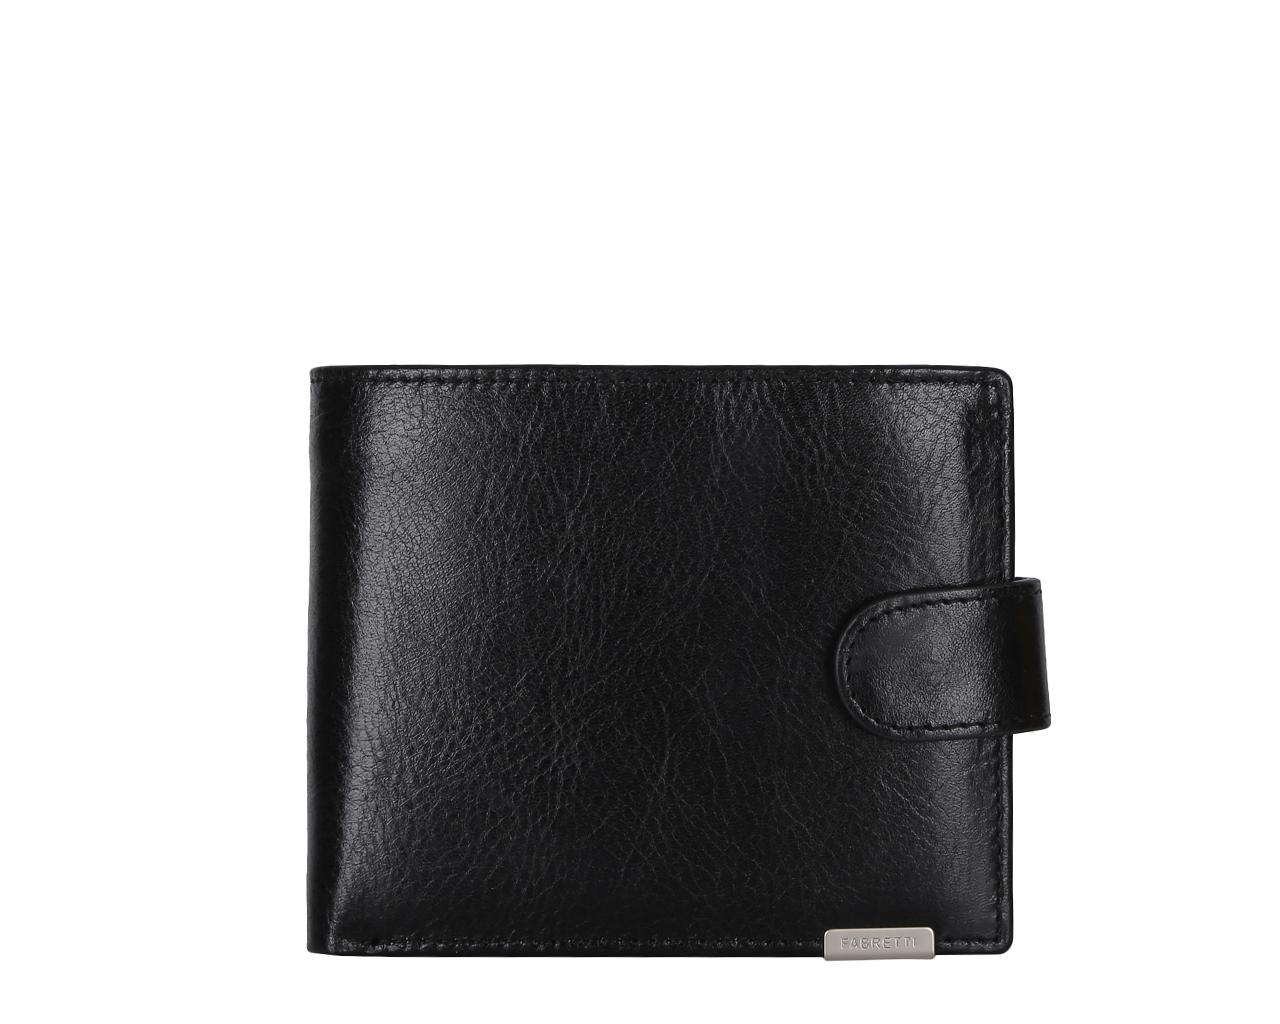 Кошелек мужской Fabretti, цвет: черный. 36002-black36002-blackМужской кошелек от итальянского бренда Fabretti выполнен из натуральной кожи, которая имеет мягкую пористую фактуру. Классический черный цвет и модная фурнитура в серебряном цвете подчеркнут ваш элегантный стиль. Внутри изделия находятся три отделения для купюр, одно из которых закрывается на прочную молнию. Вы с легкостью сможете расположить свои кредитные и дисконтные карты с помощью 6 отделений, а также носить с собой любимую фотографию. На тыльной стороне кошелька дизайнеры разместили вместительный карман для мелочи. Закрывается аксессуар на прочную и удобную кнопку.